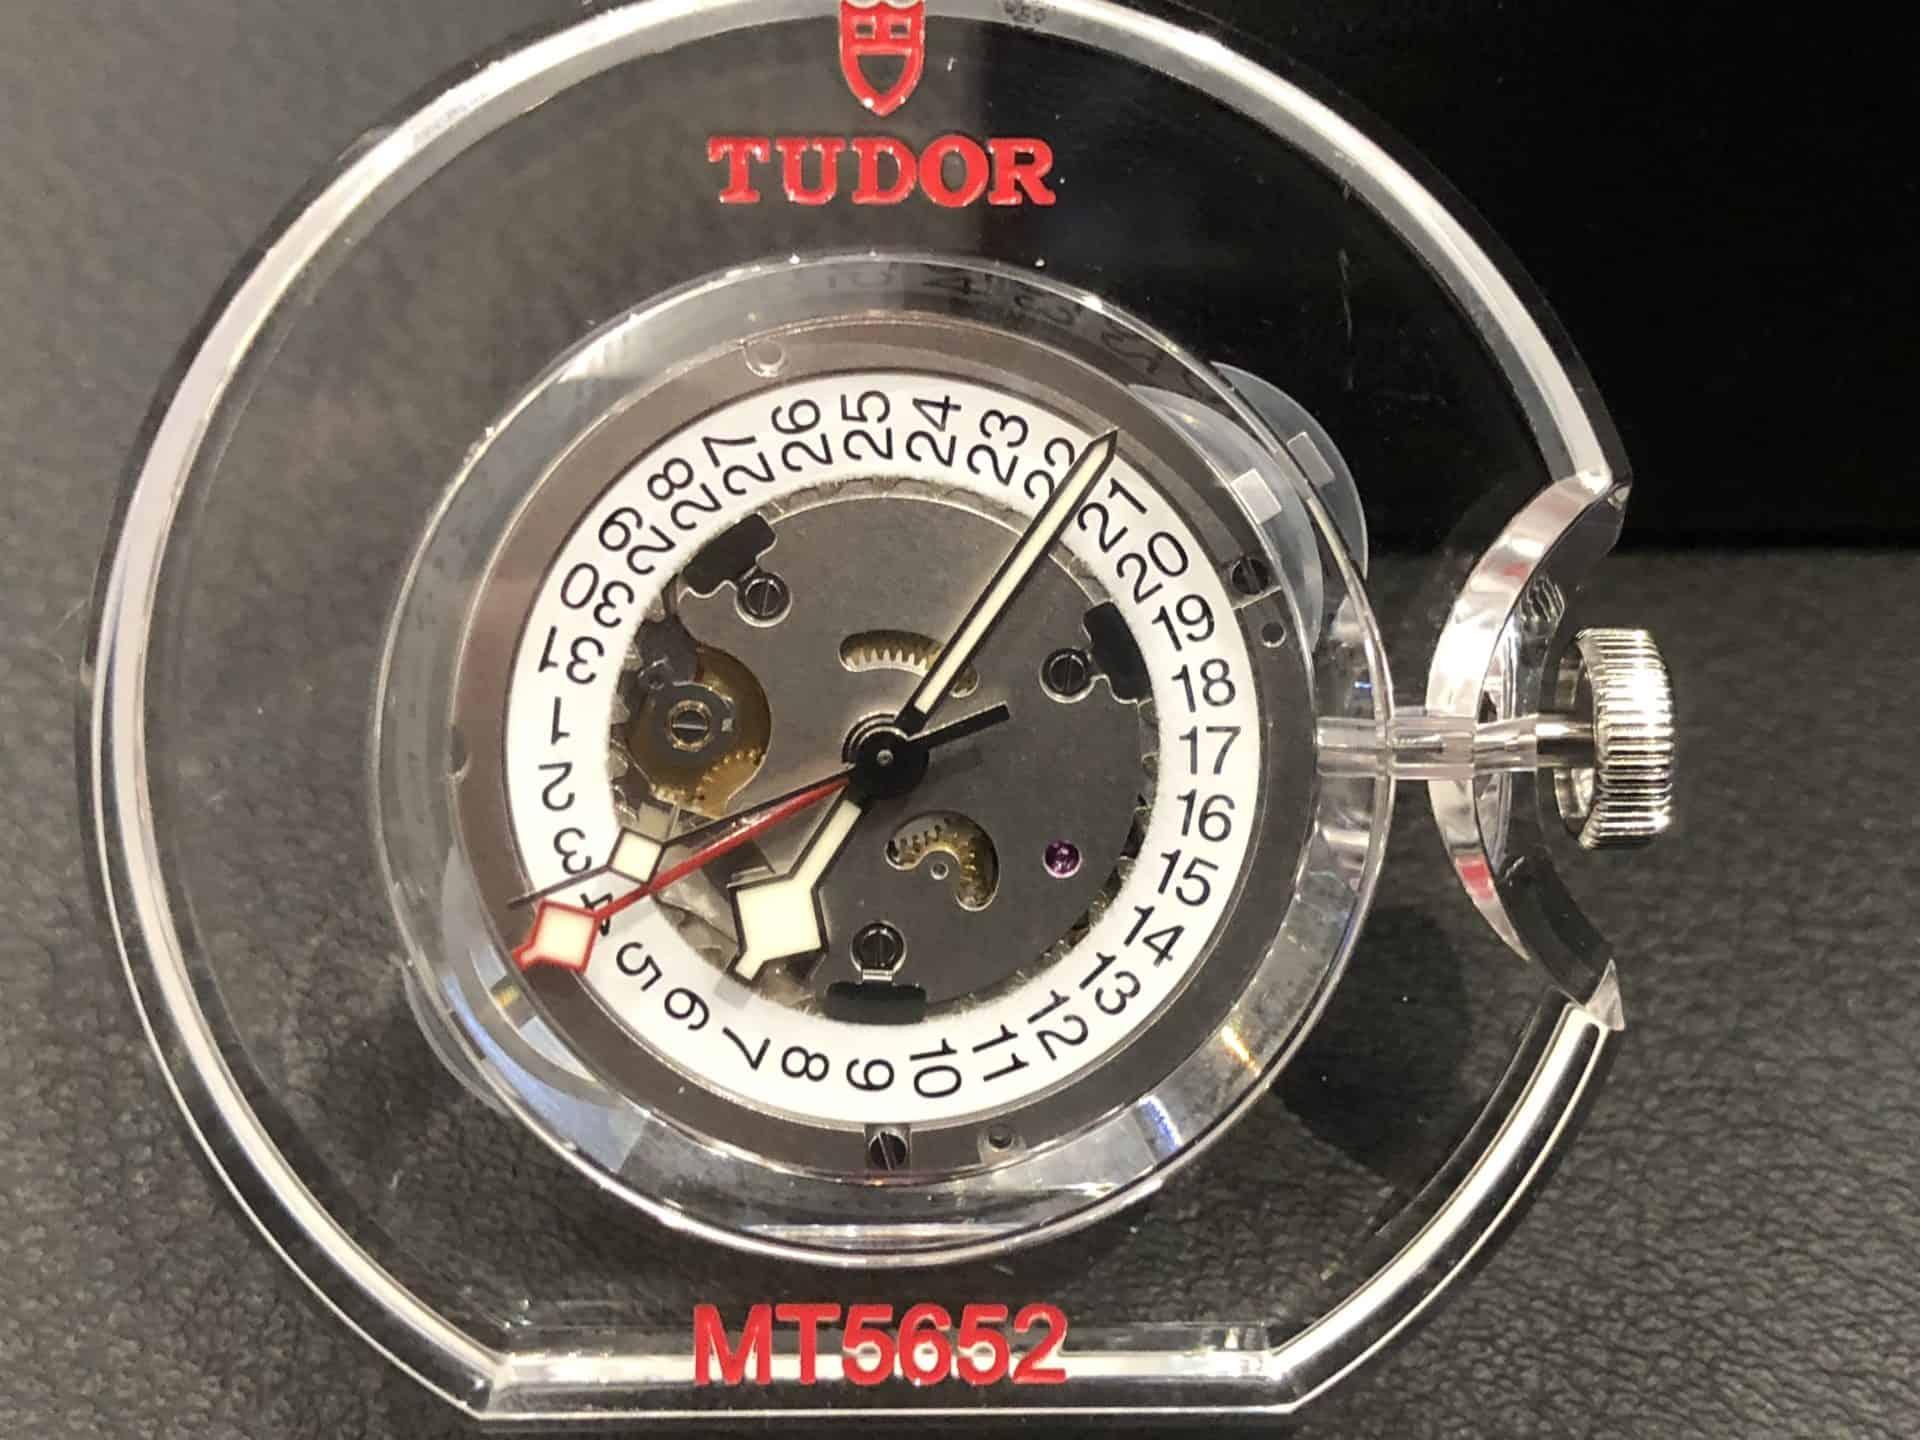 Das Tudor-Kaliber MT 5652 mit Zeitzonendispositiv unter dem Zifferblatt